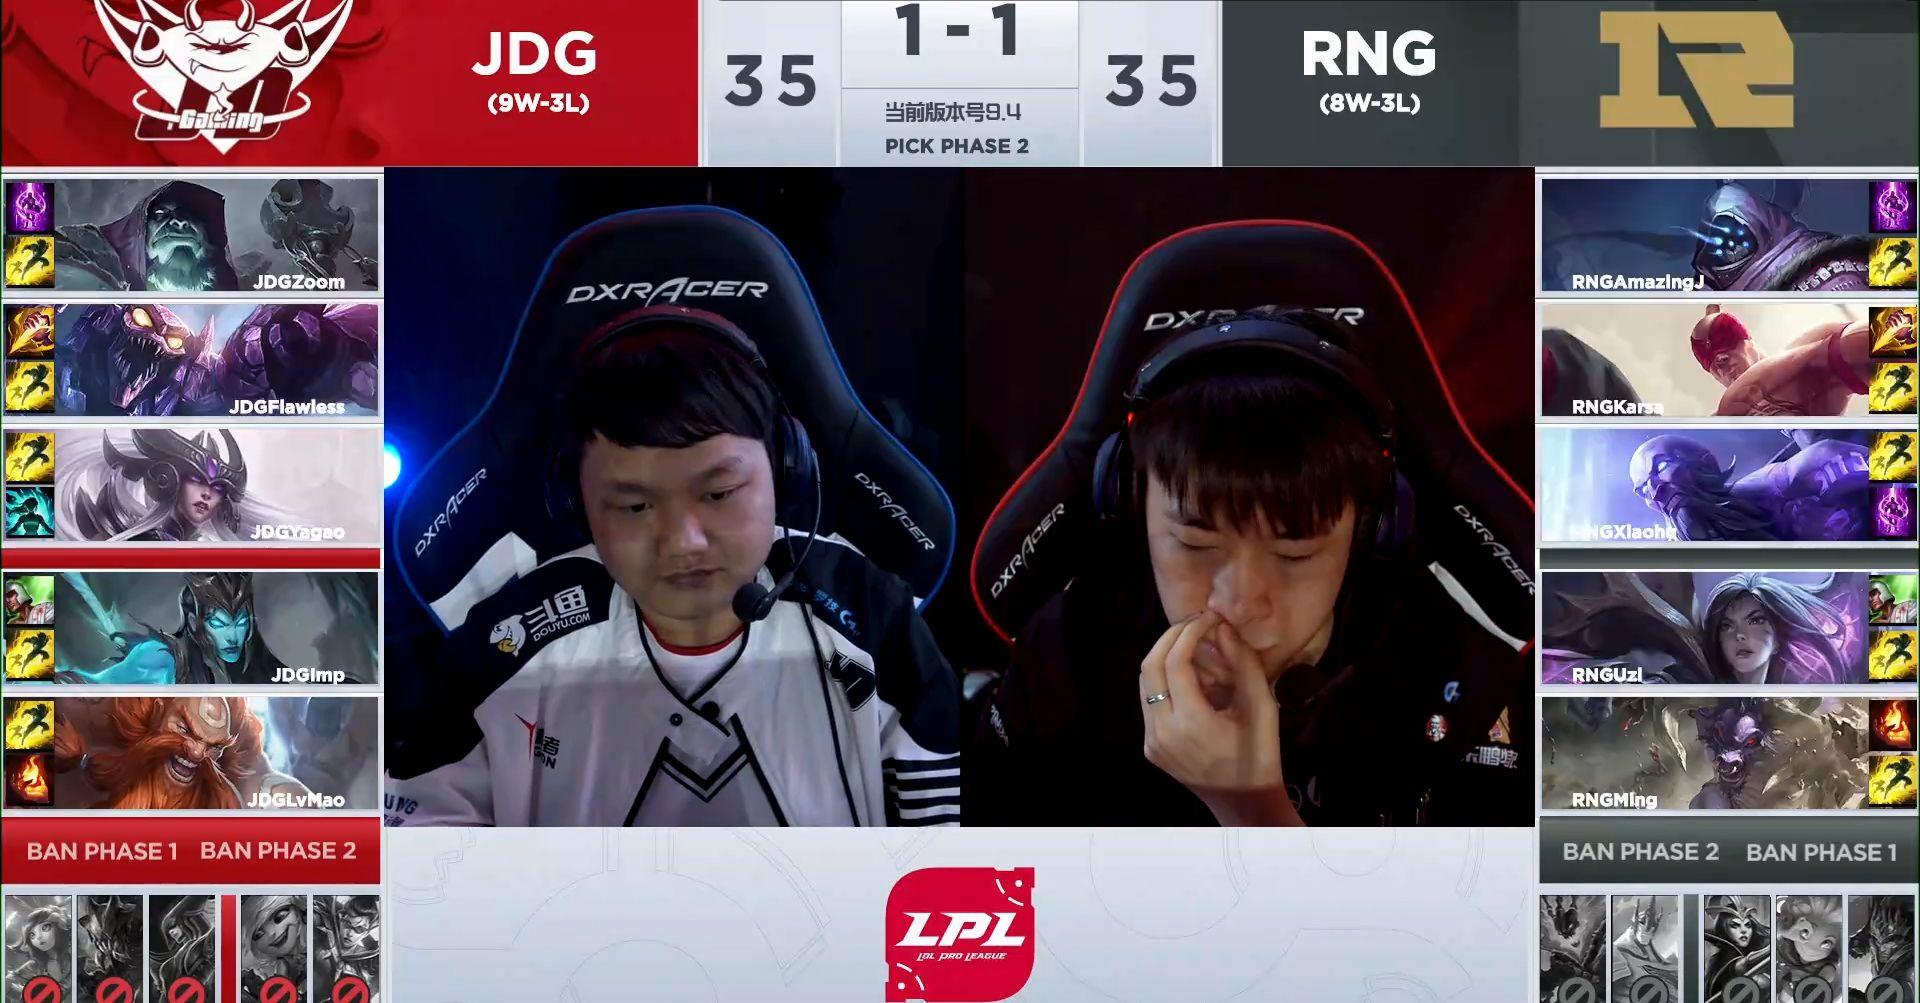 【战报】AJ再现偷家场面,RNG2-1艰难战胜JDG